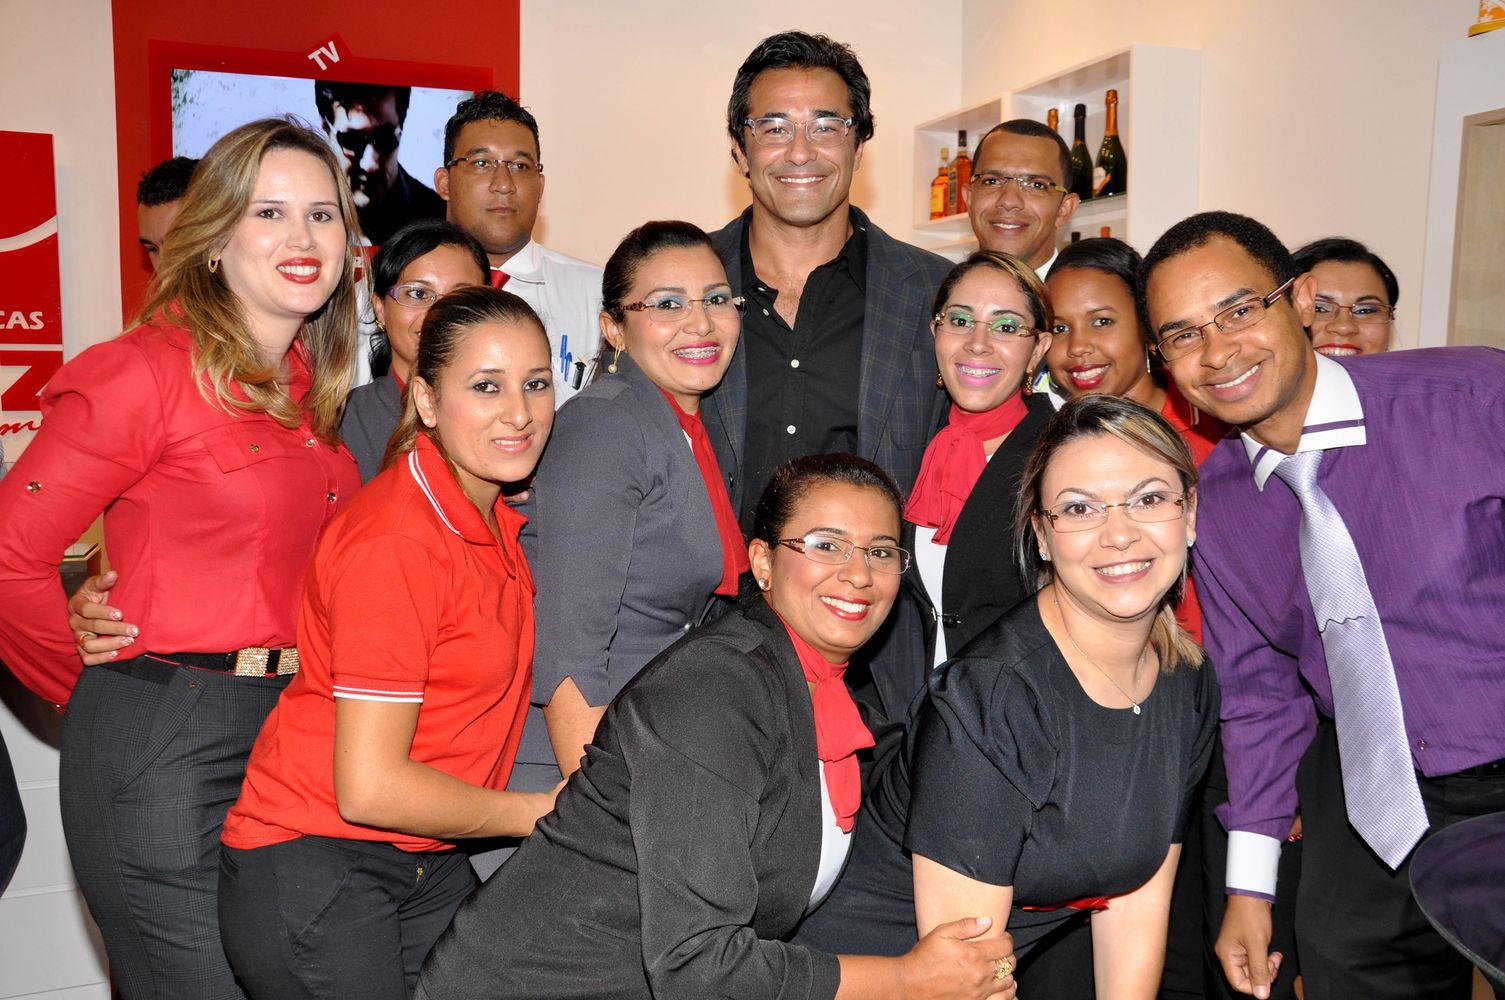 Luciano Szafir e Aline Diniz com a equipe da nova loja 7c2448f8da